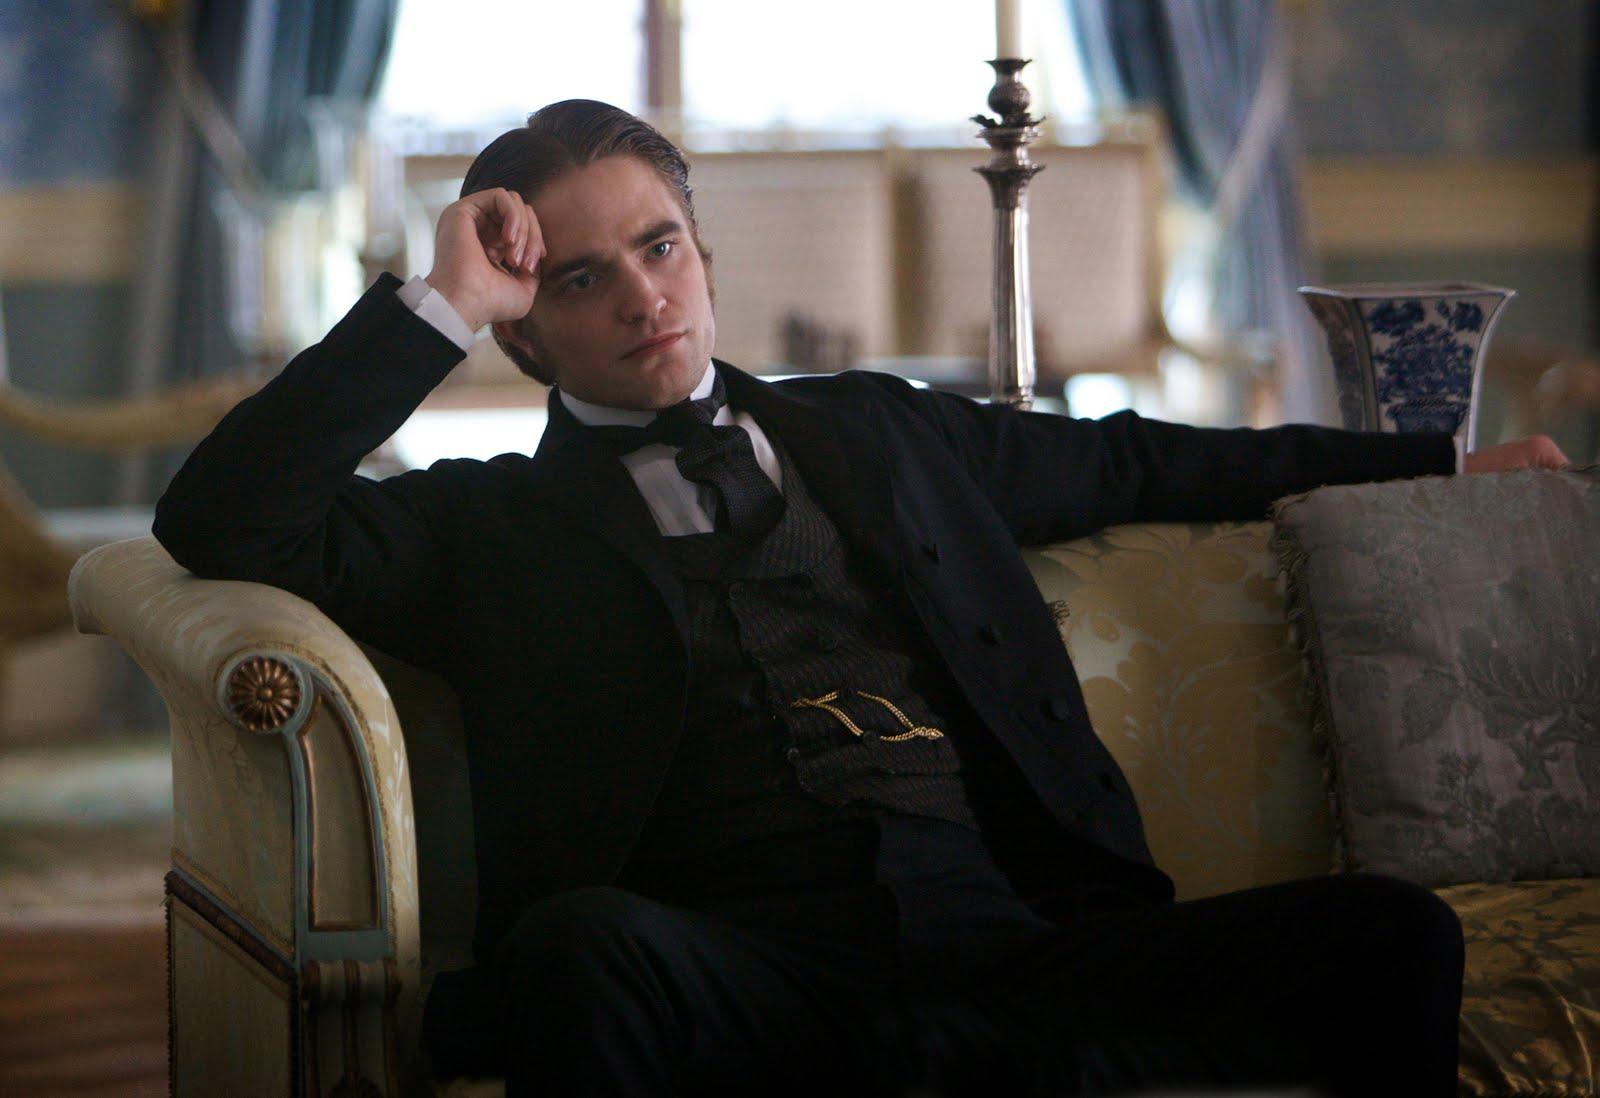 http://4.bp.blogspot.com/_8wBJFrqZZEE/S-FHsbqDKFI/AAAAAAAAAtU/Q3ROaH8_yz4/s1600/Bel_Ami_Robert-Pattinson_movie_image-2%5B1%5D.jpg